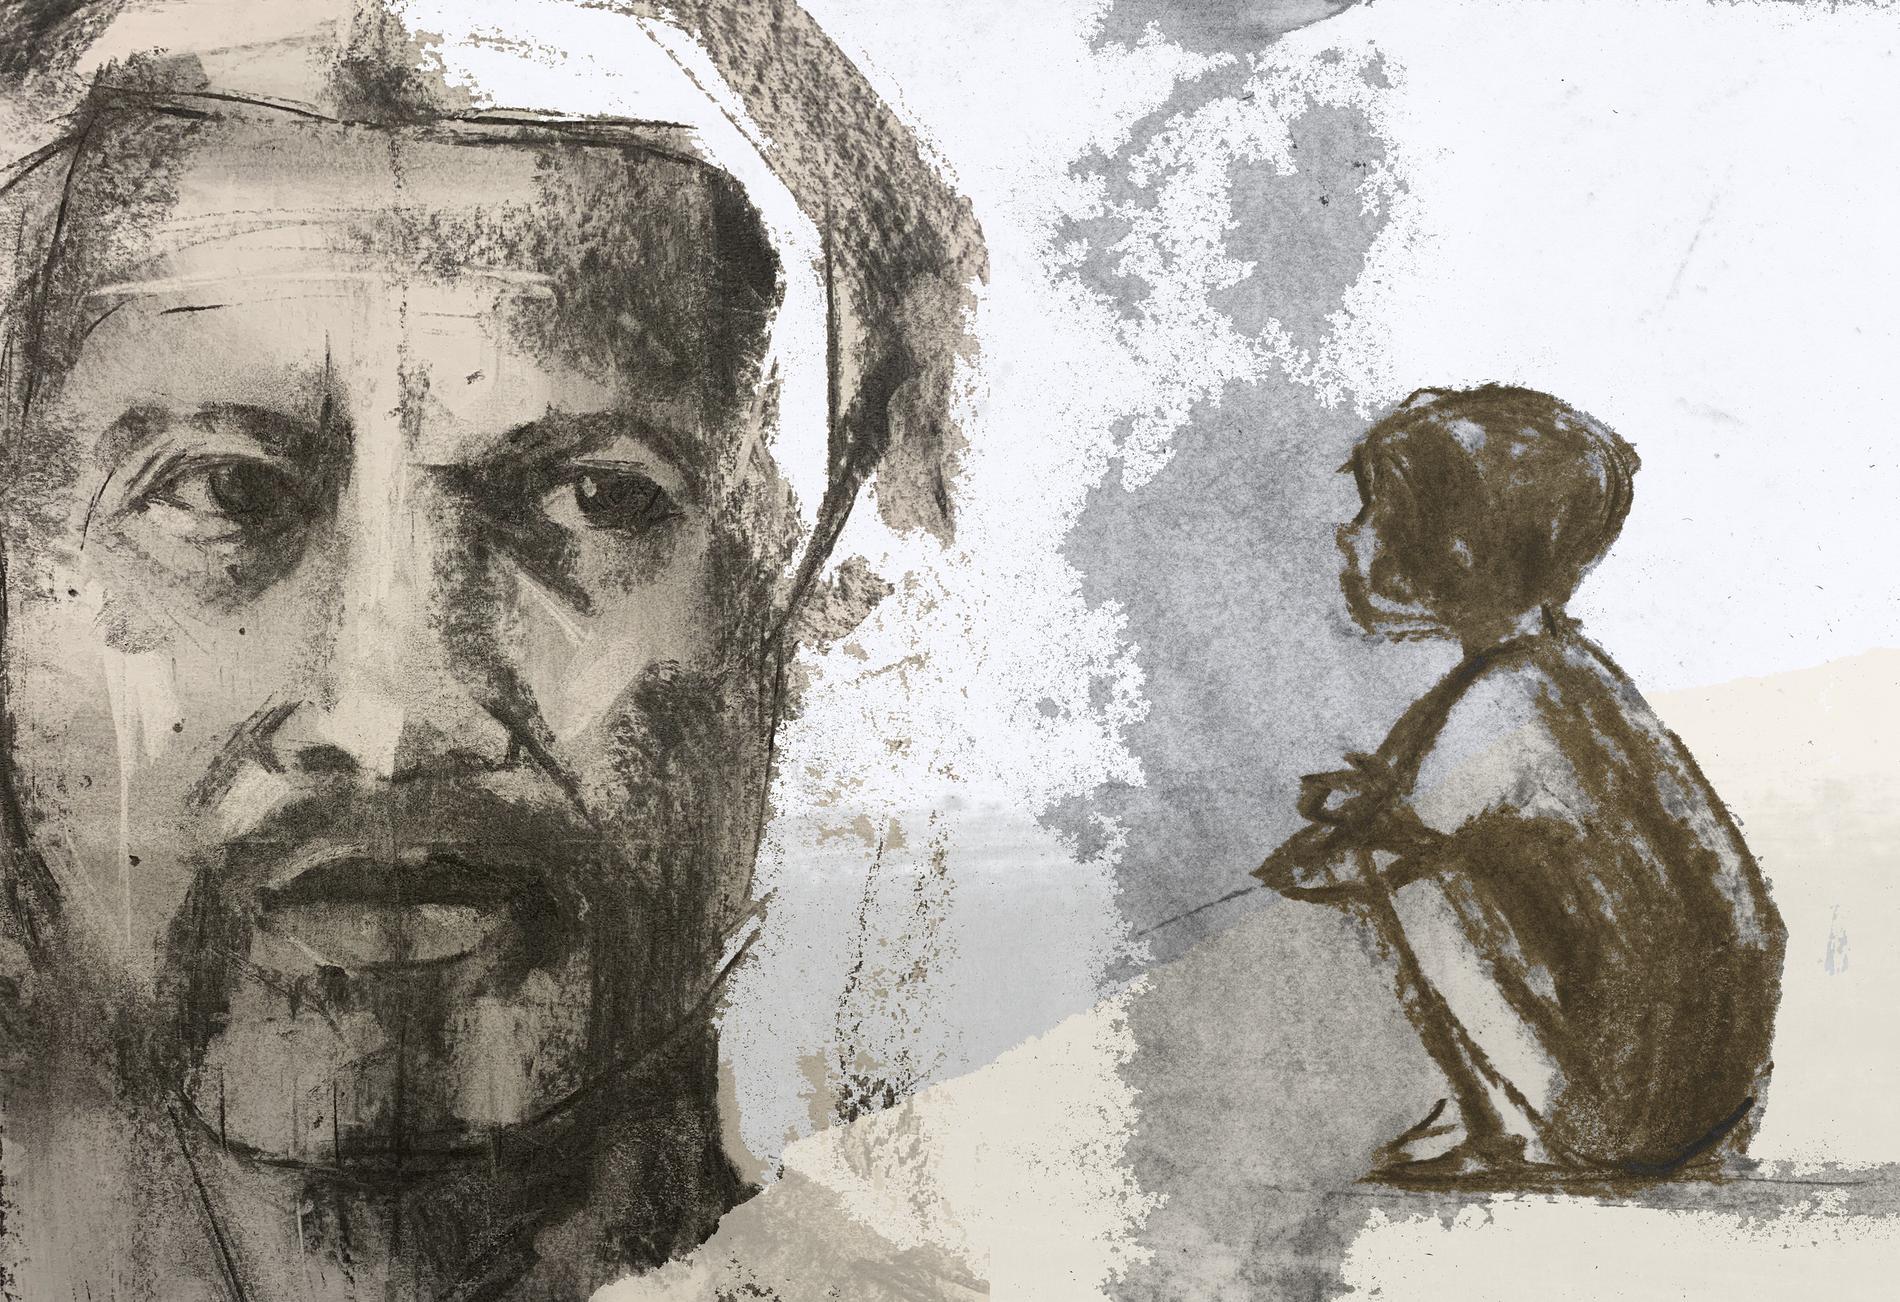 Abdulrazak Gurnahs författarskap kretsar kring ämnen som migration, identitet och postkolonialism.